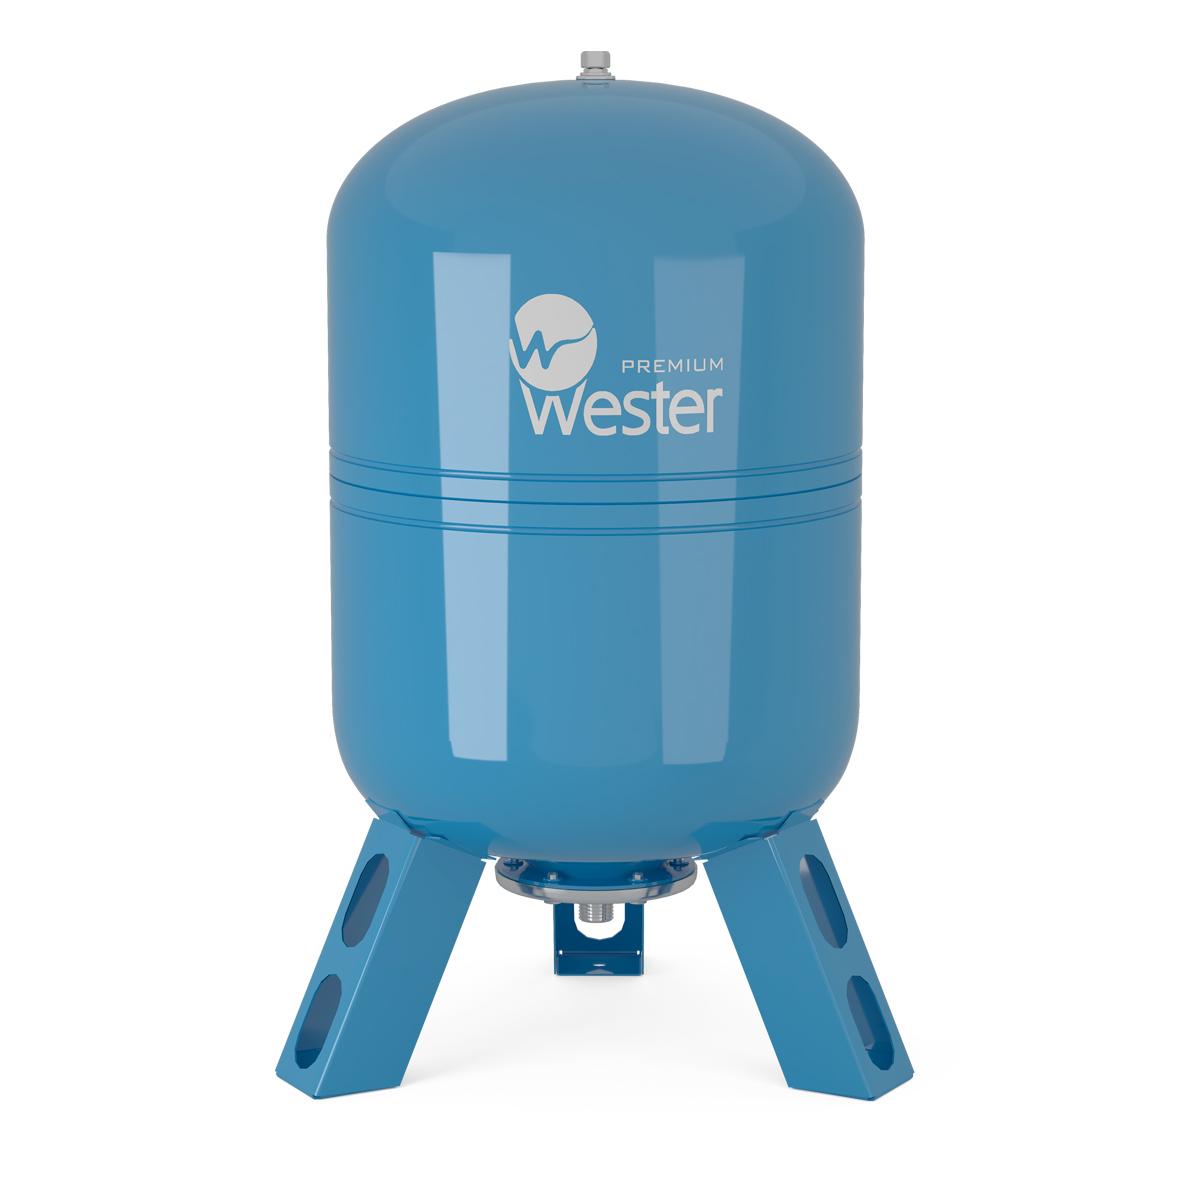 Бак мембранный для водоснабжения Wester Premium WAV80_нерж. Контрфланец